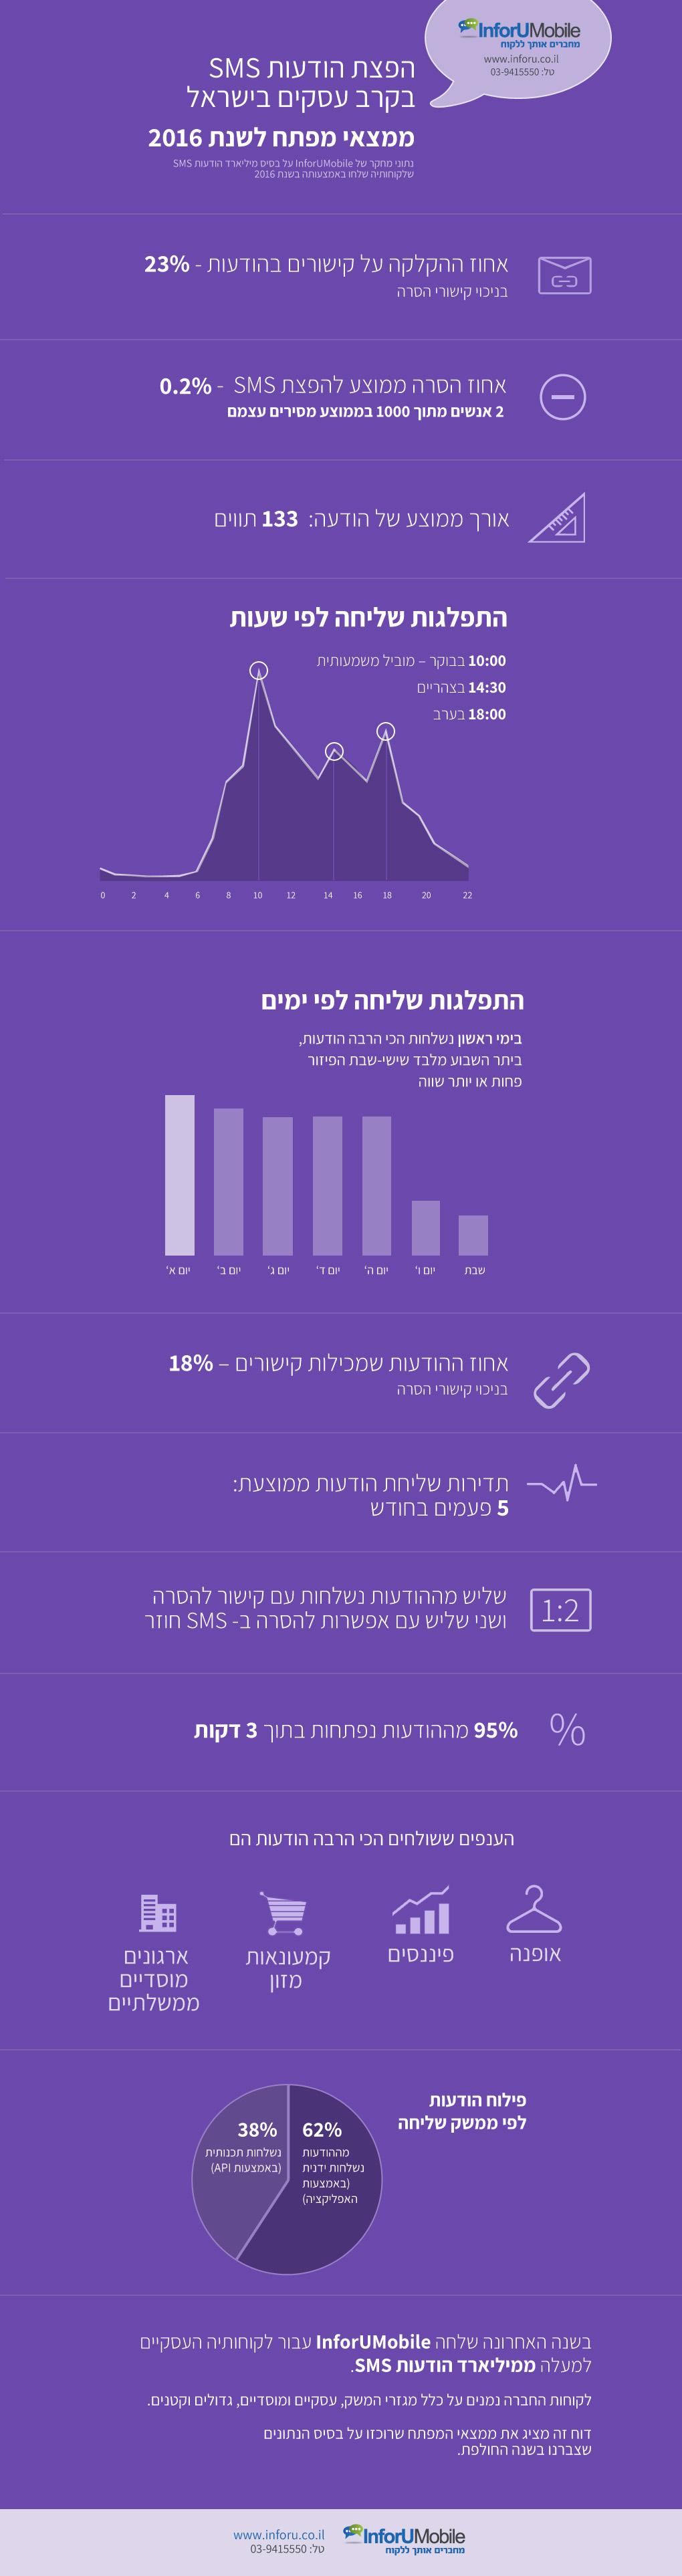 נתוני שליחת SMS - 2016